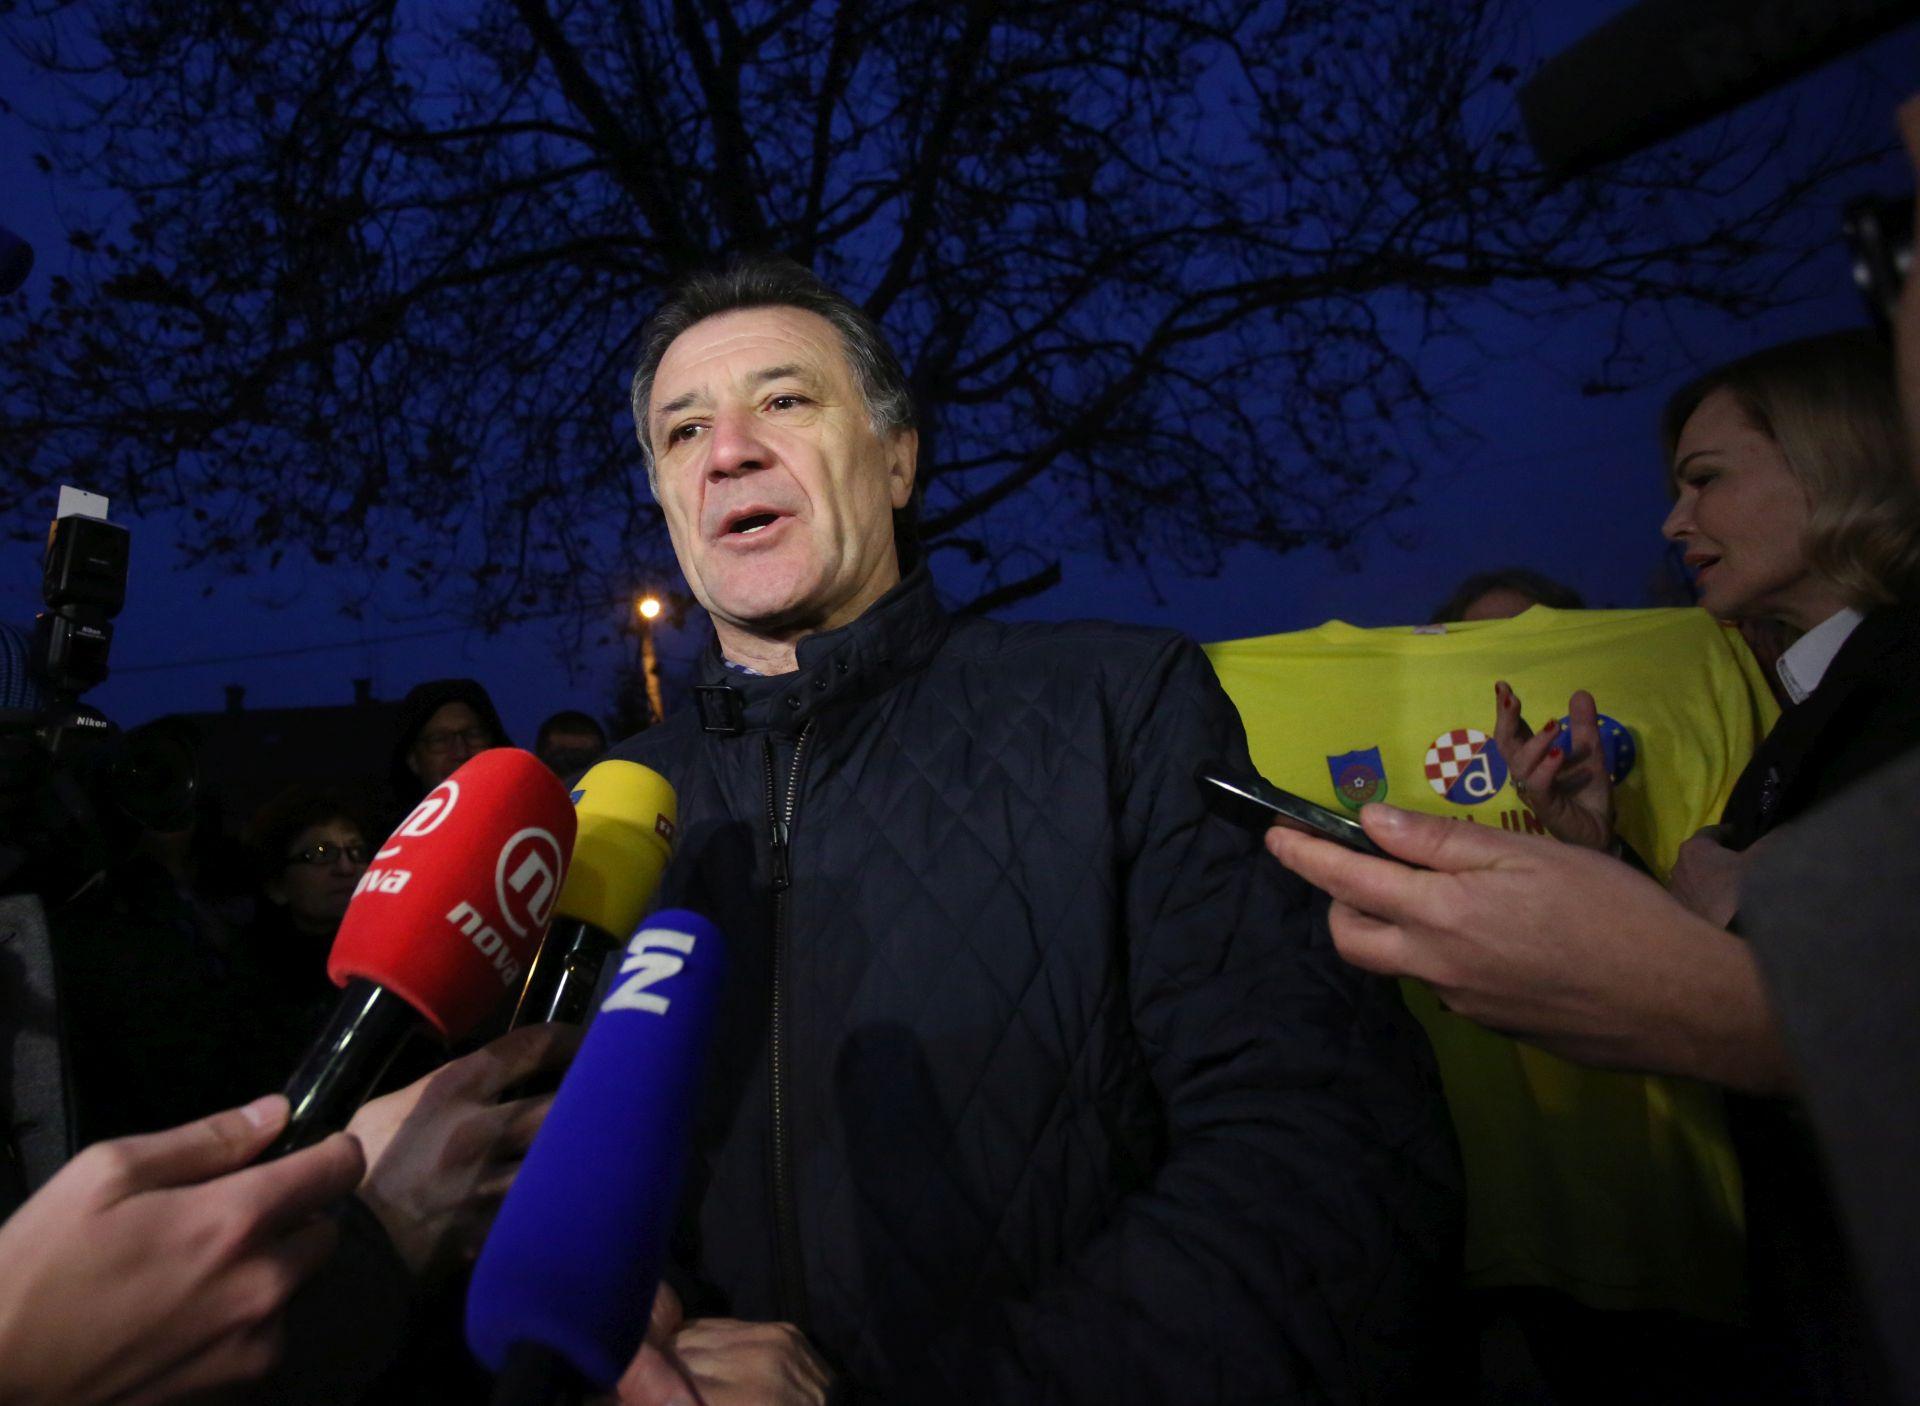 VRHOVNI SUD: Zdravko Mamić ostaje bez 7 milijuna kuna, novac odlazi u državni proračun